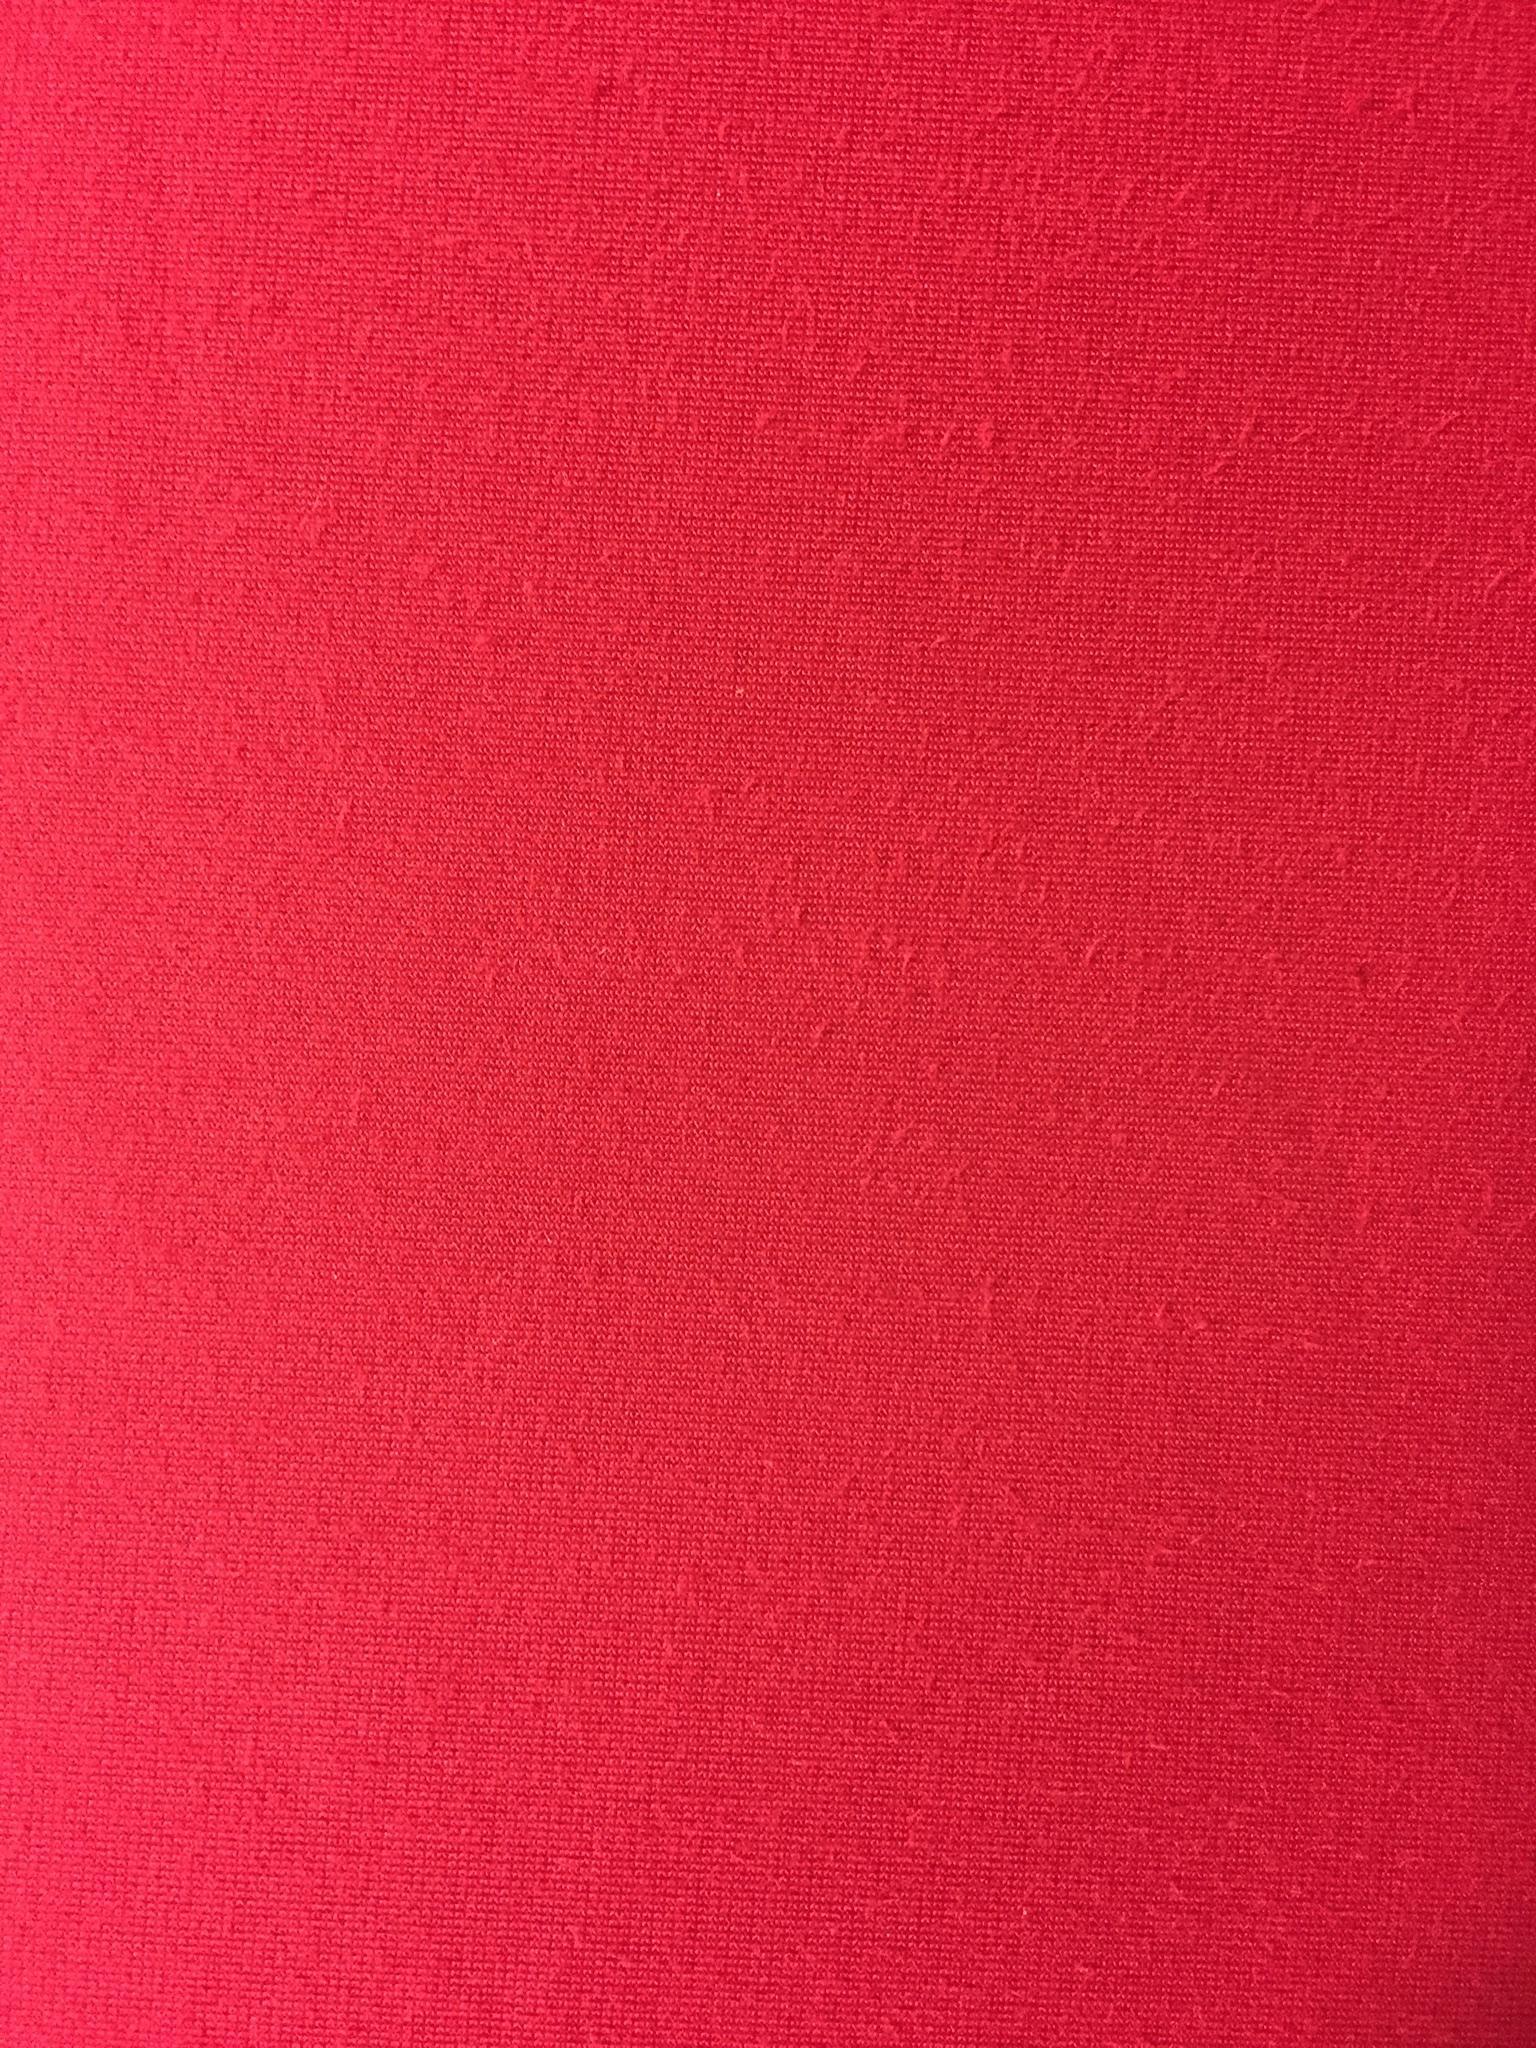 Velluto liscio rosso